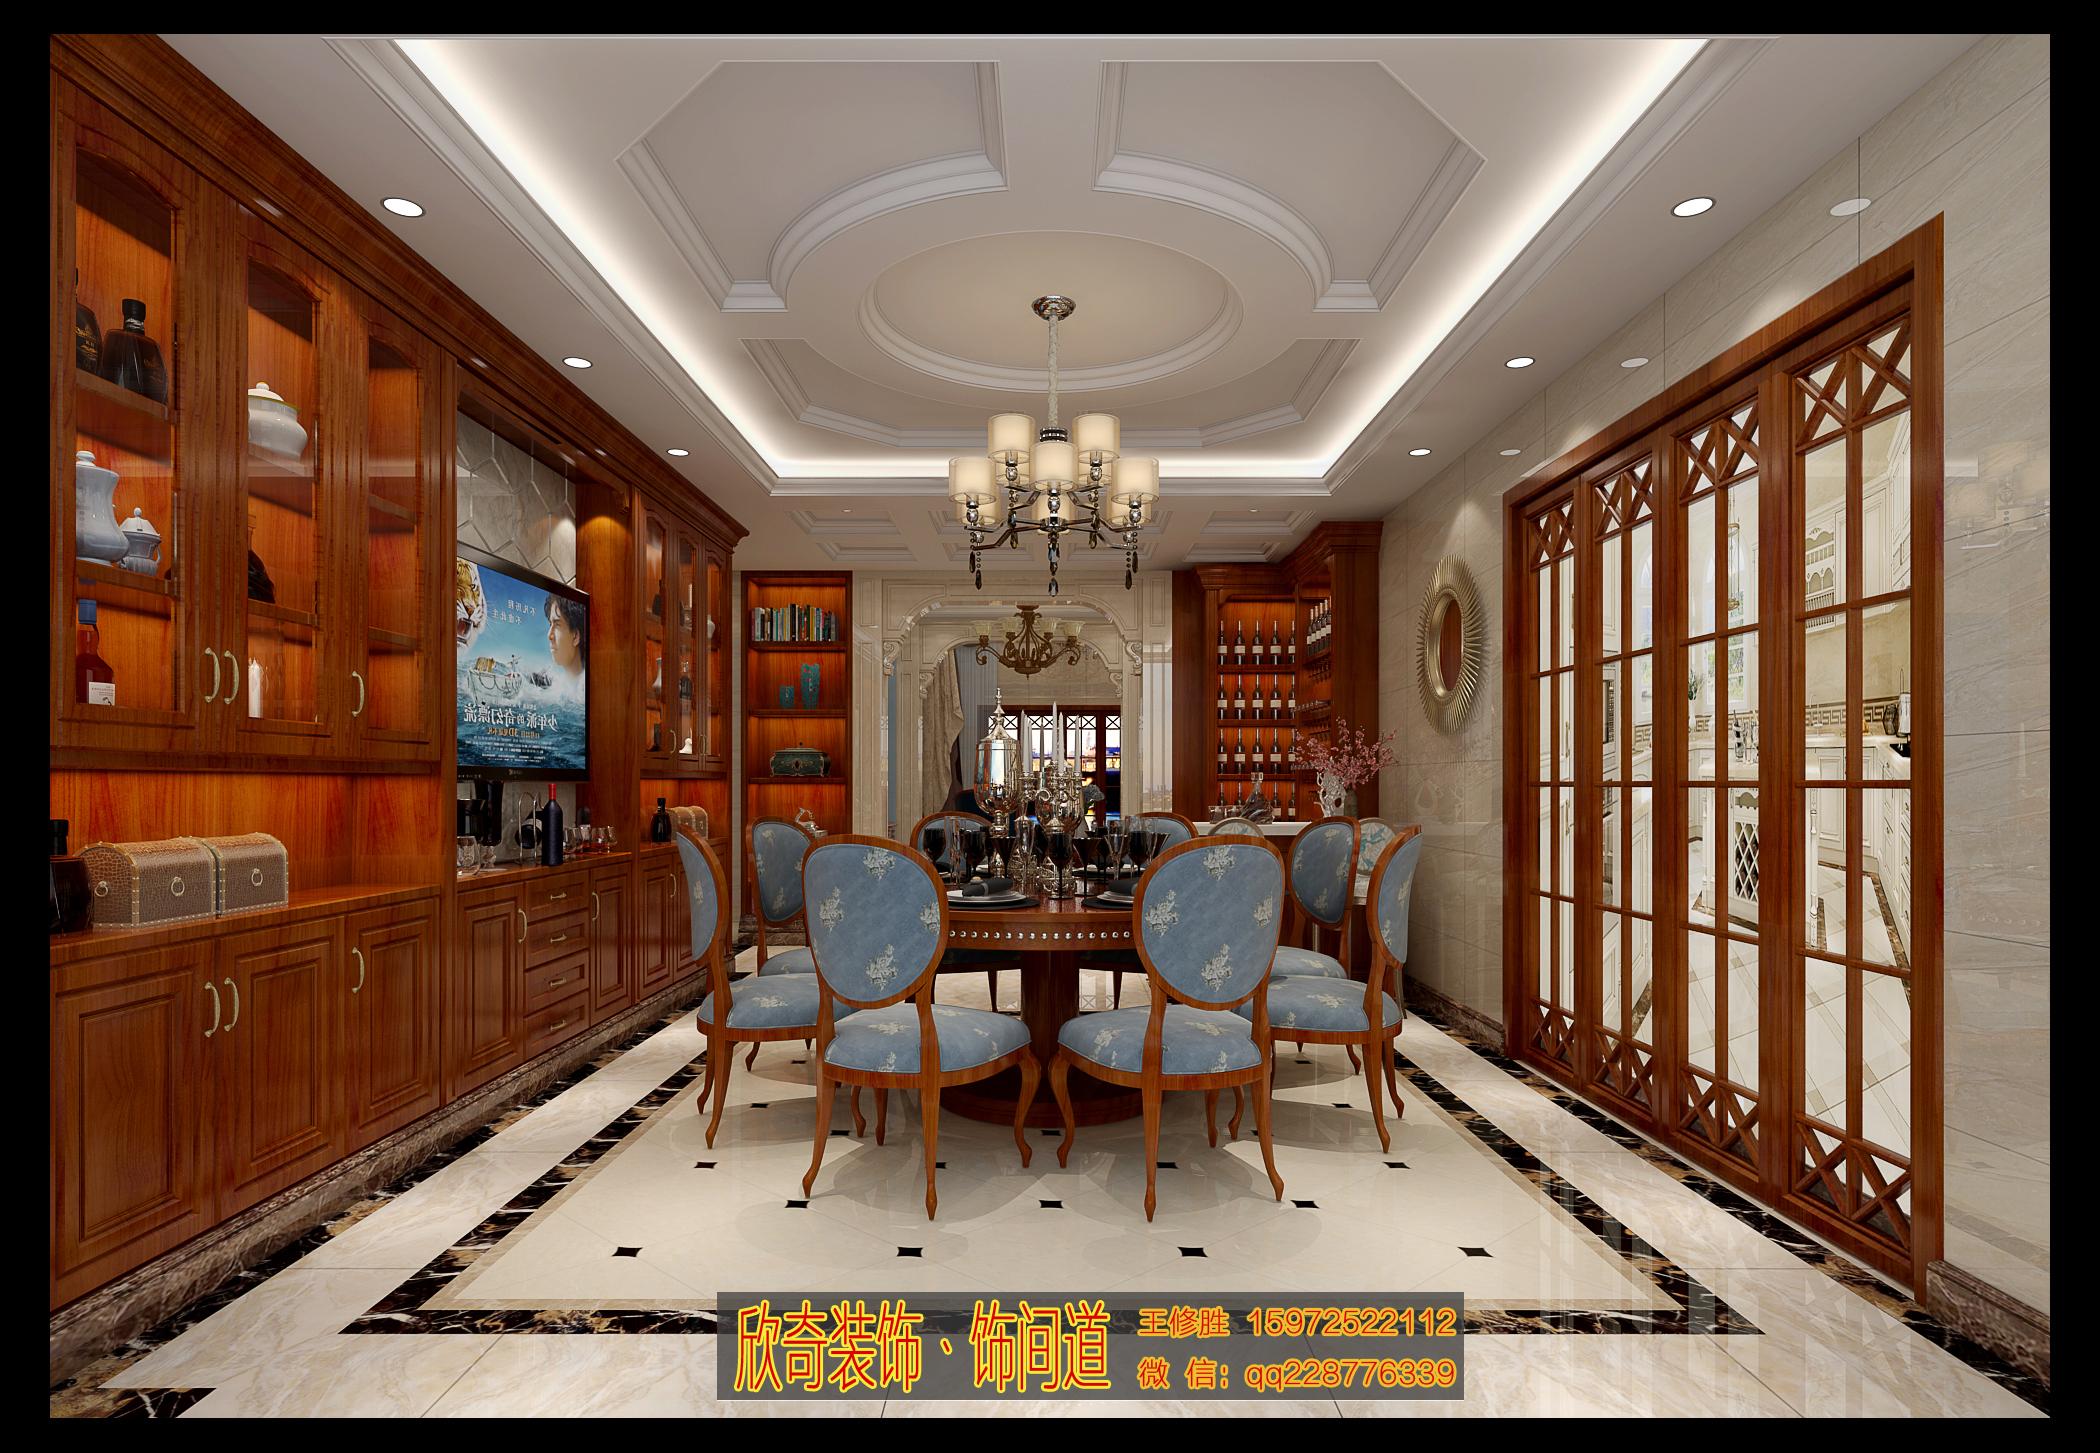 混搭 餐厅 客厅图片来自王者修胜在复试的一个风情的分享